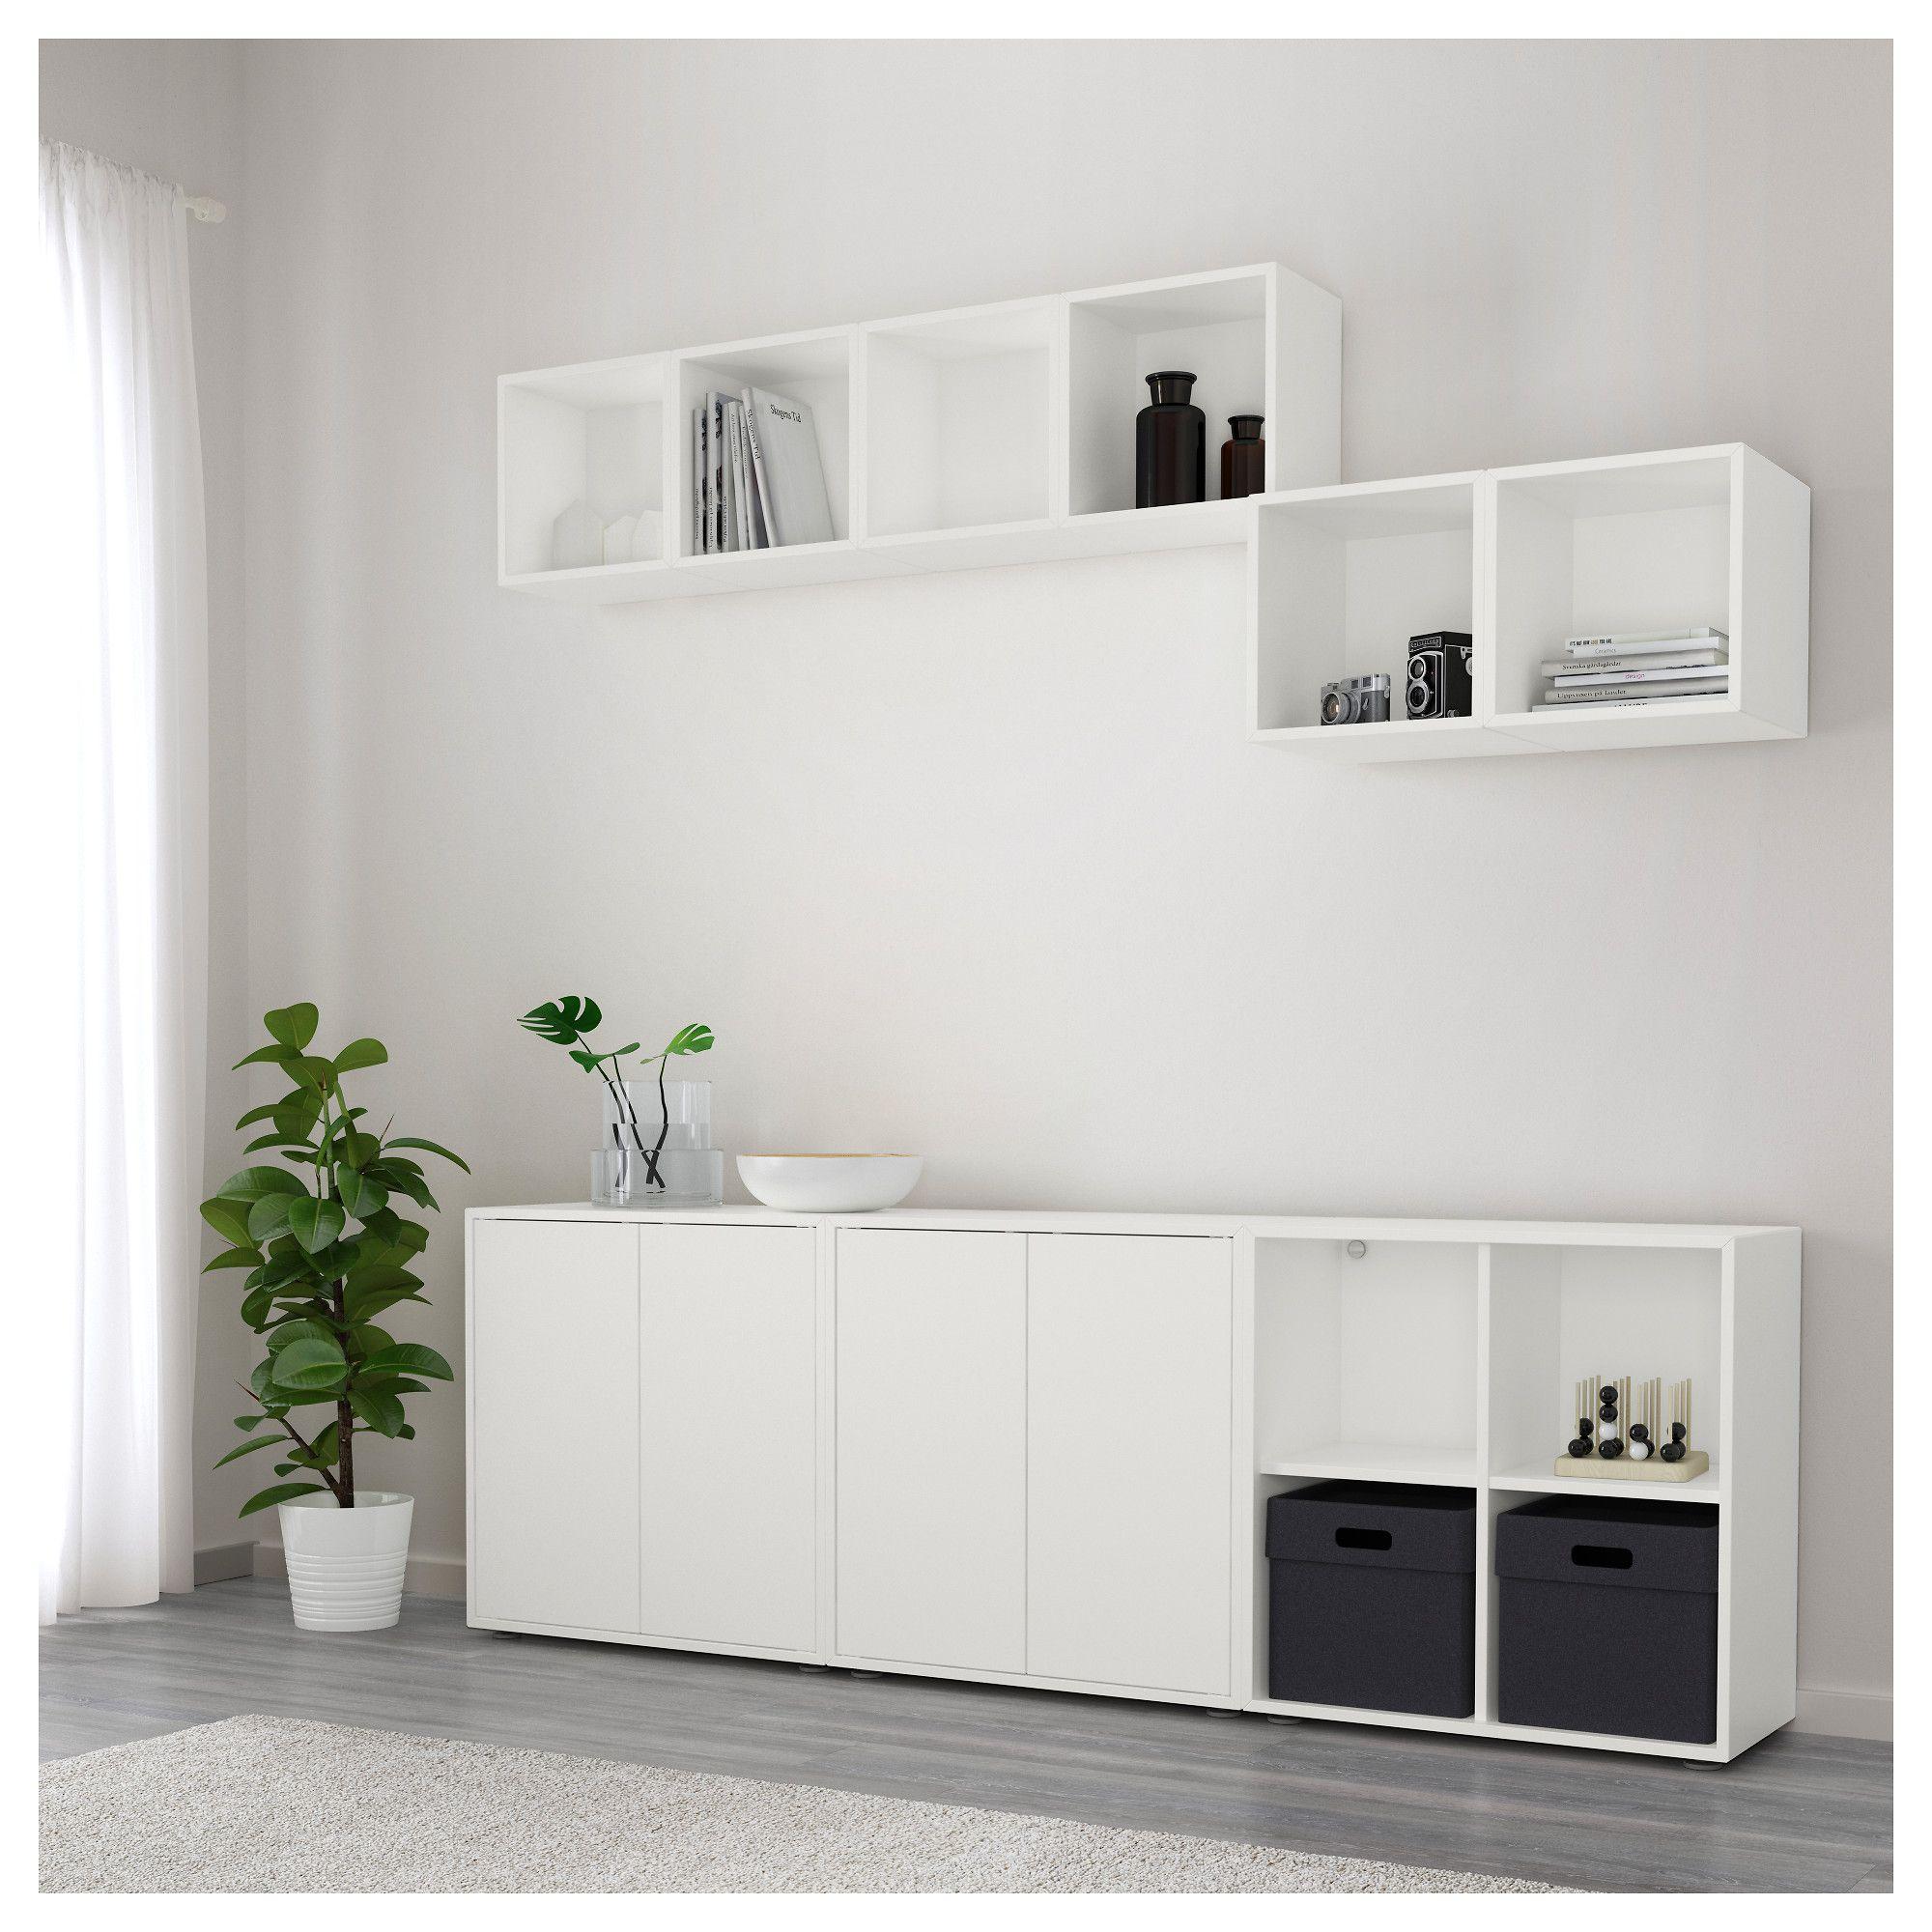 EKET Storage combination with feet, white | Ikea eket, Storage and ...